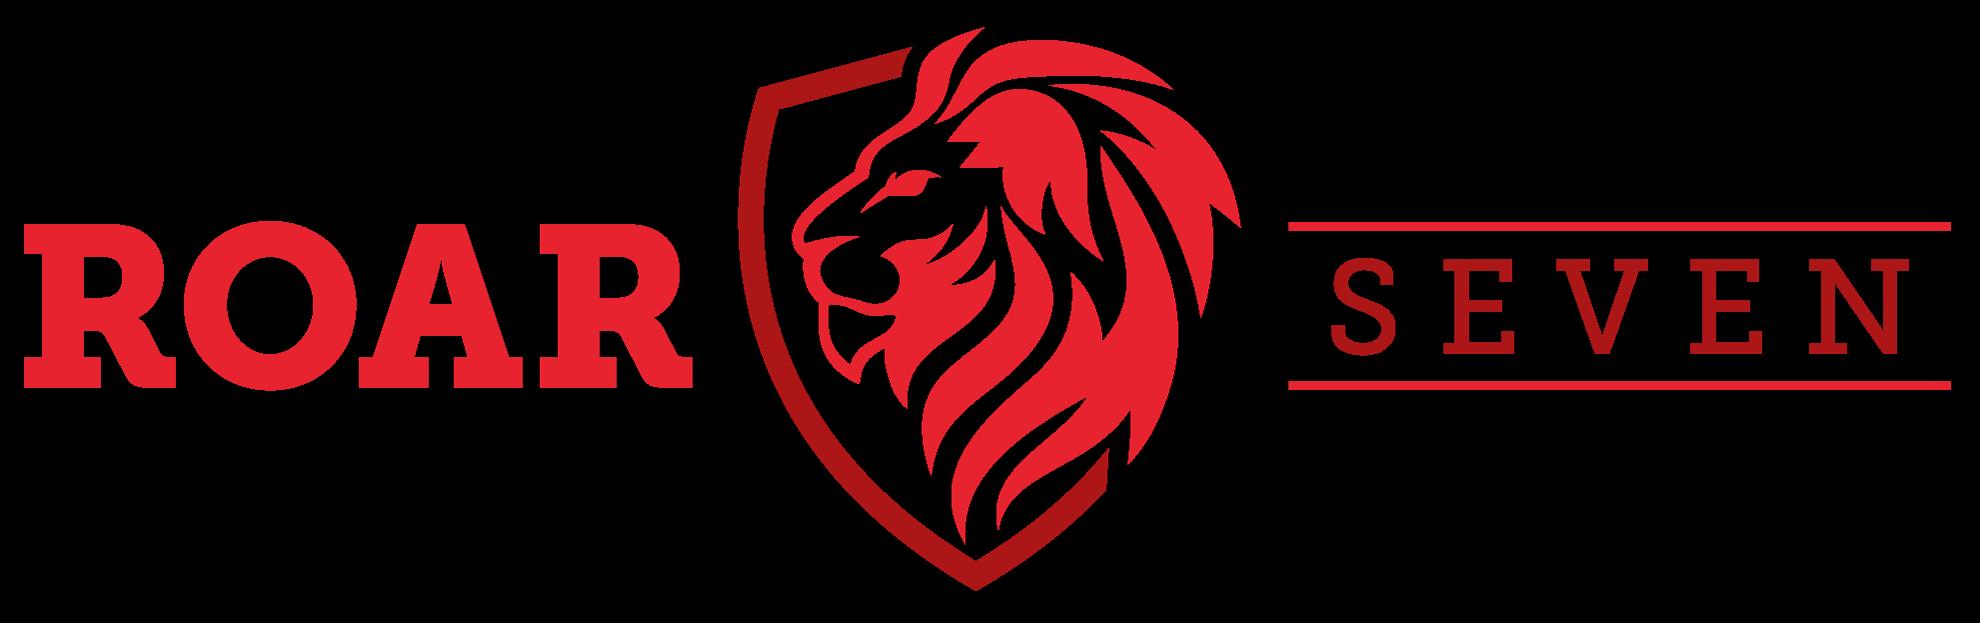 Roar Seven